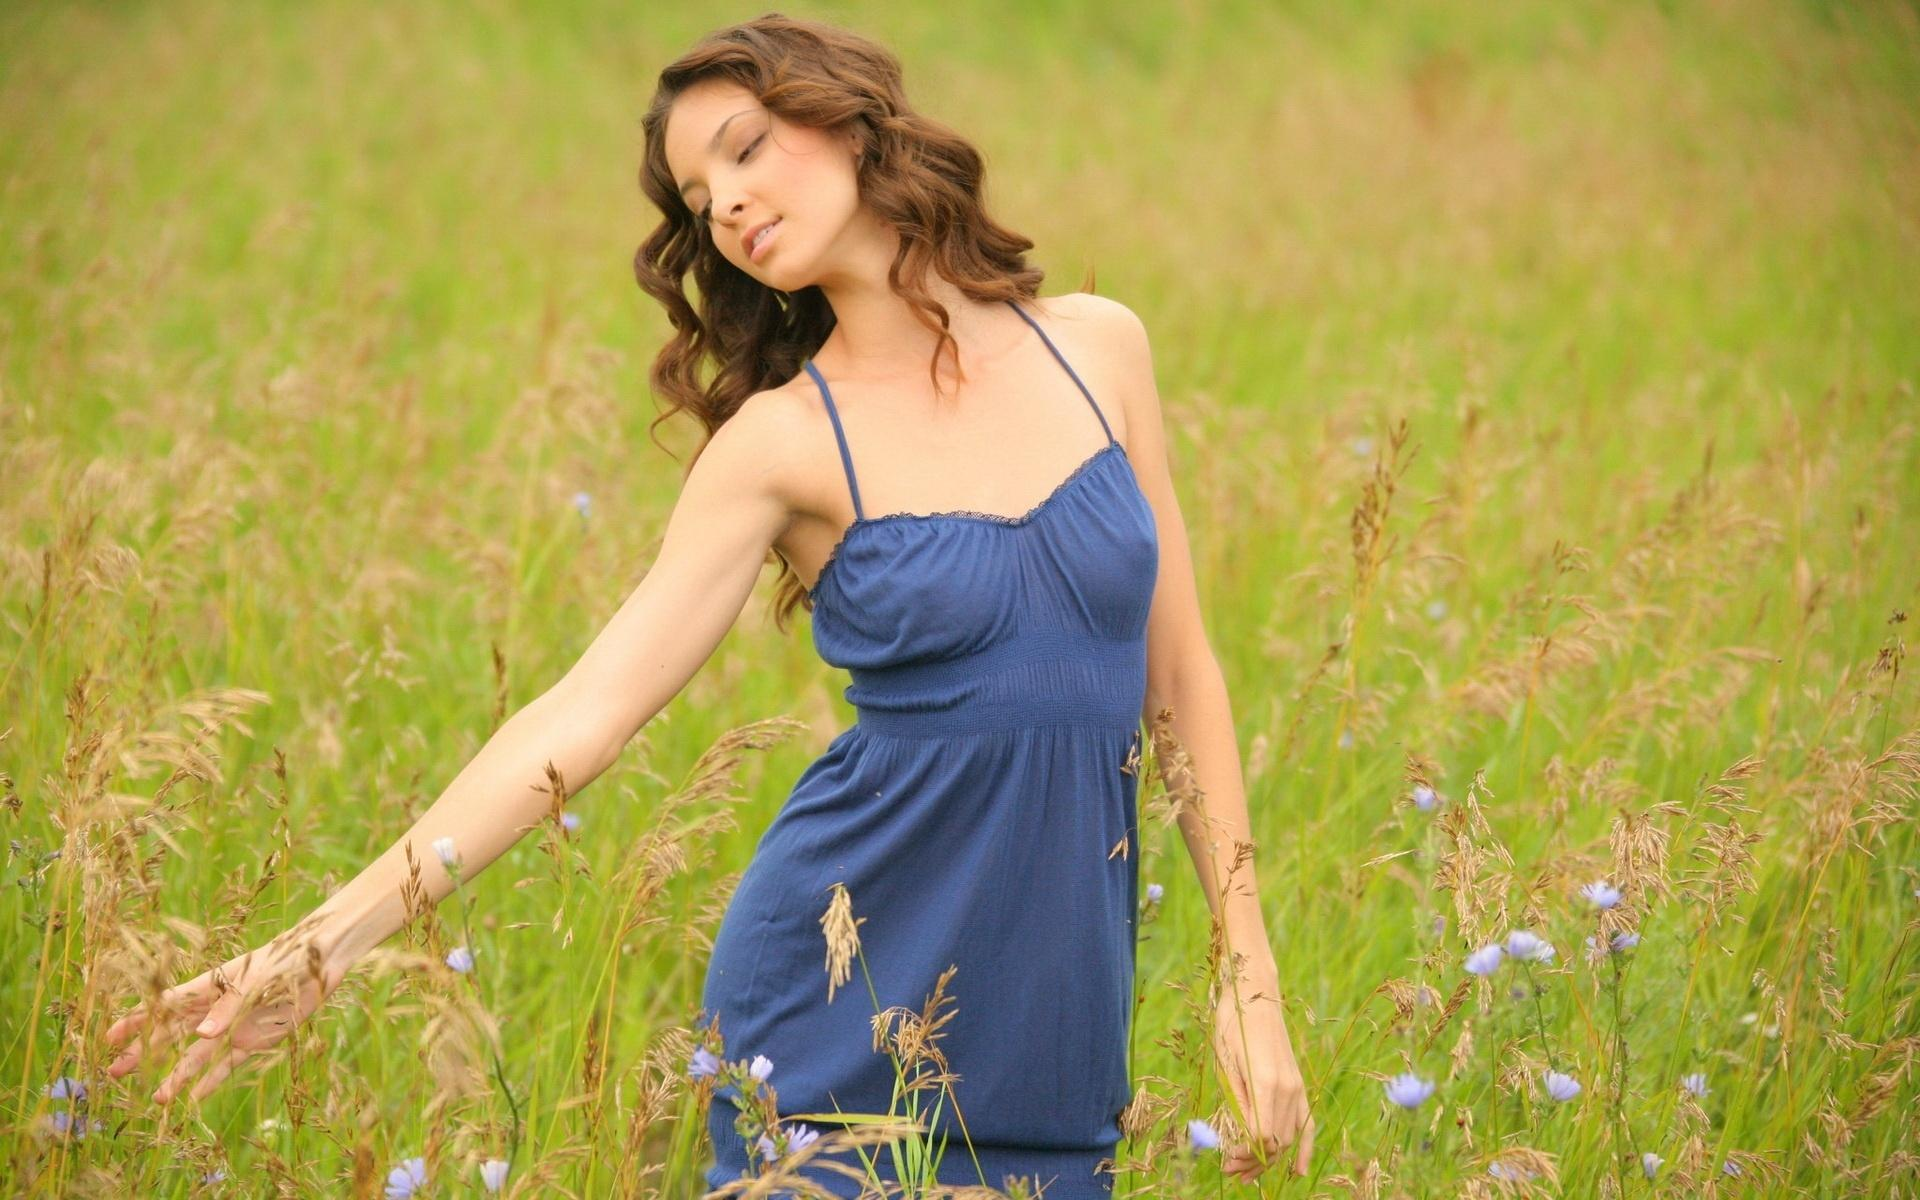 Фотографии дам на природе 12 фотография